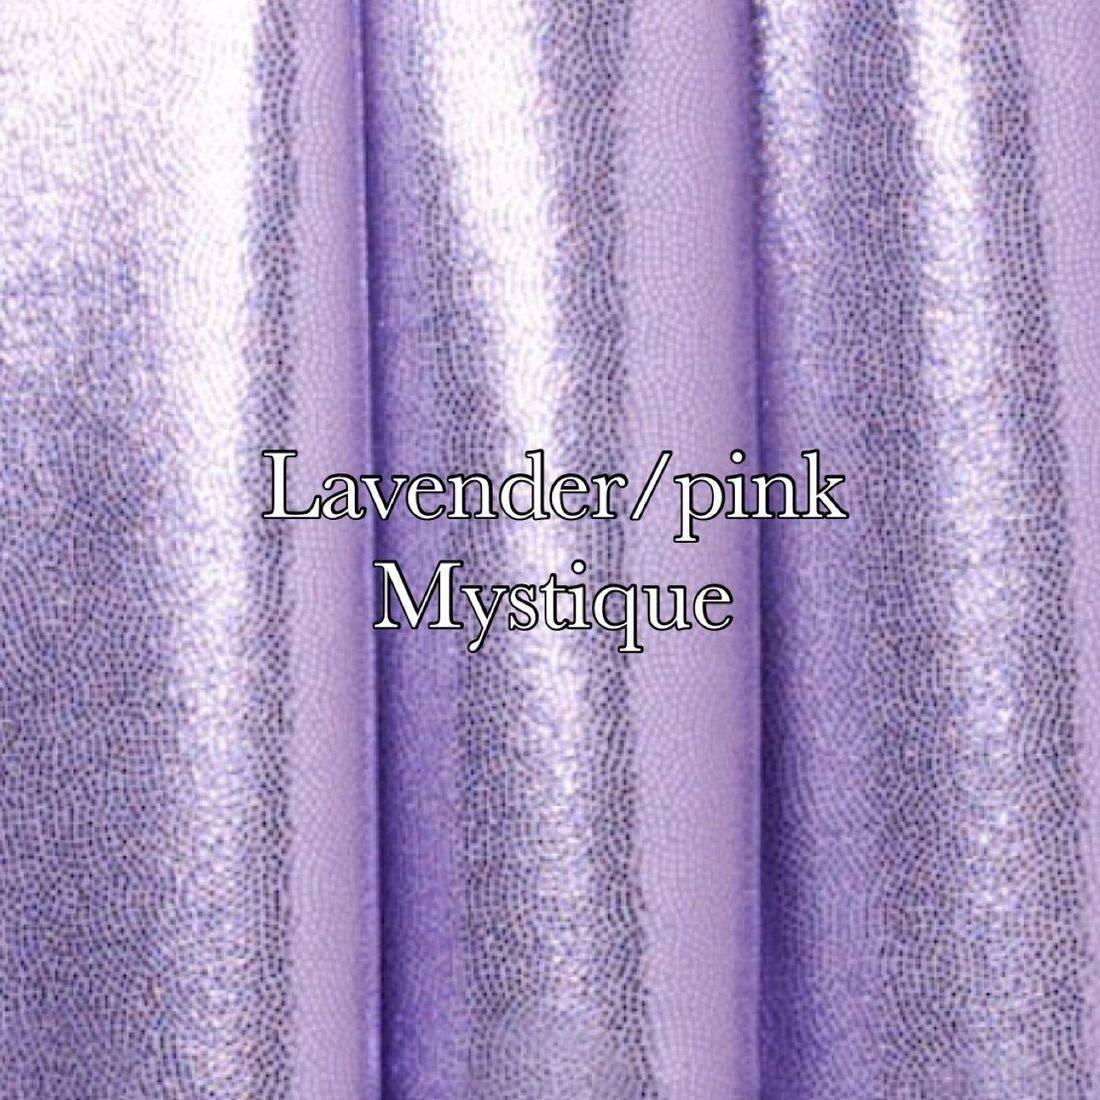 lavender pink mystique